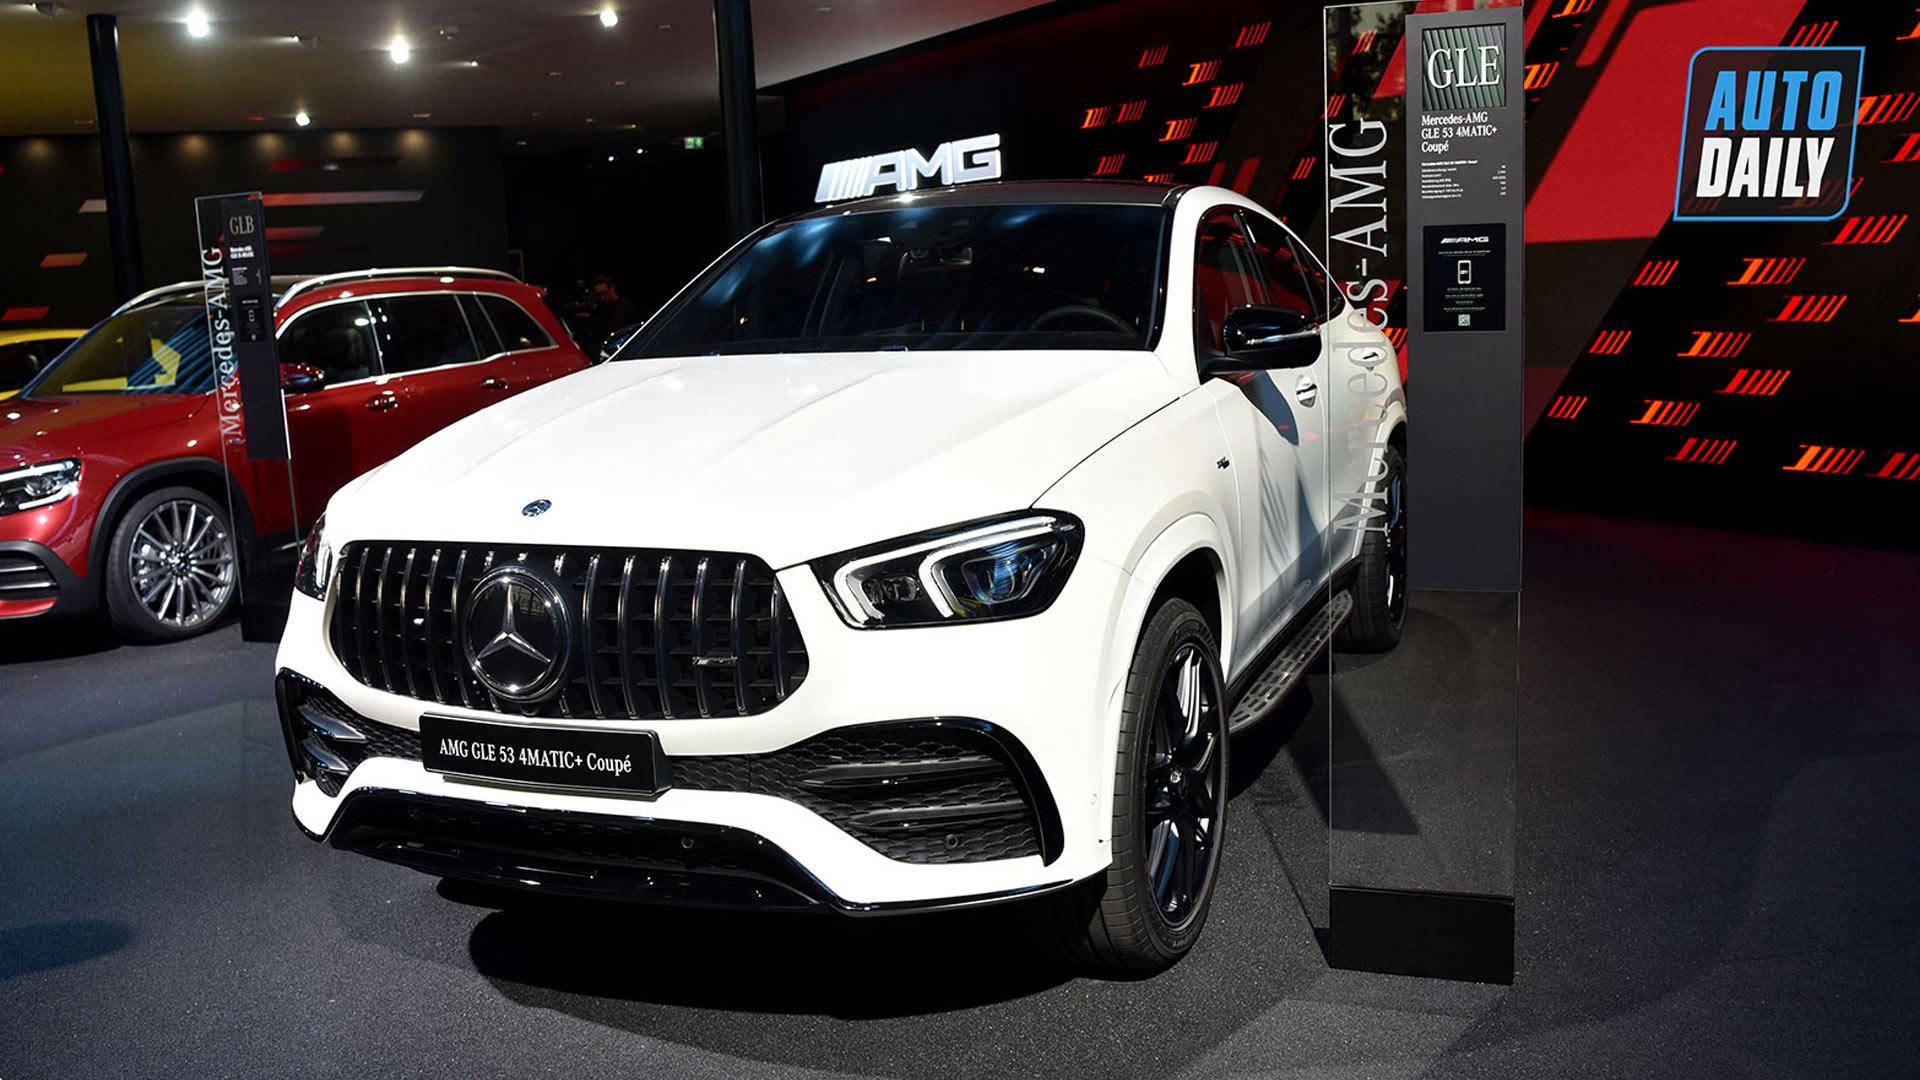 Khám phá chi tiết Mercedes-Benz GLE Coupe 2020 tại Frankfurt Auto Show 2019